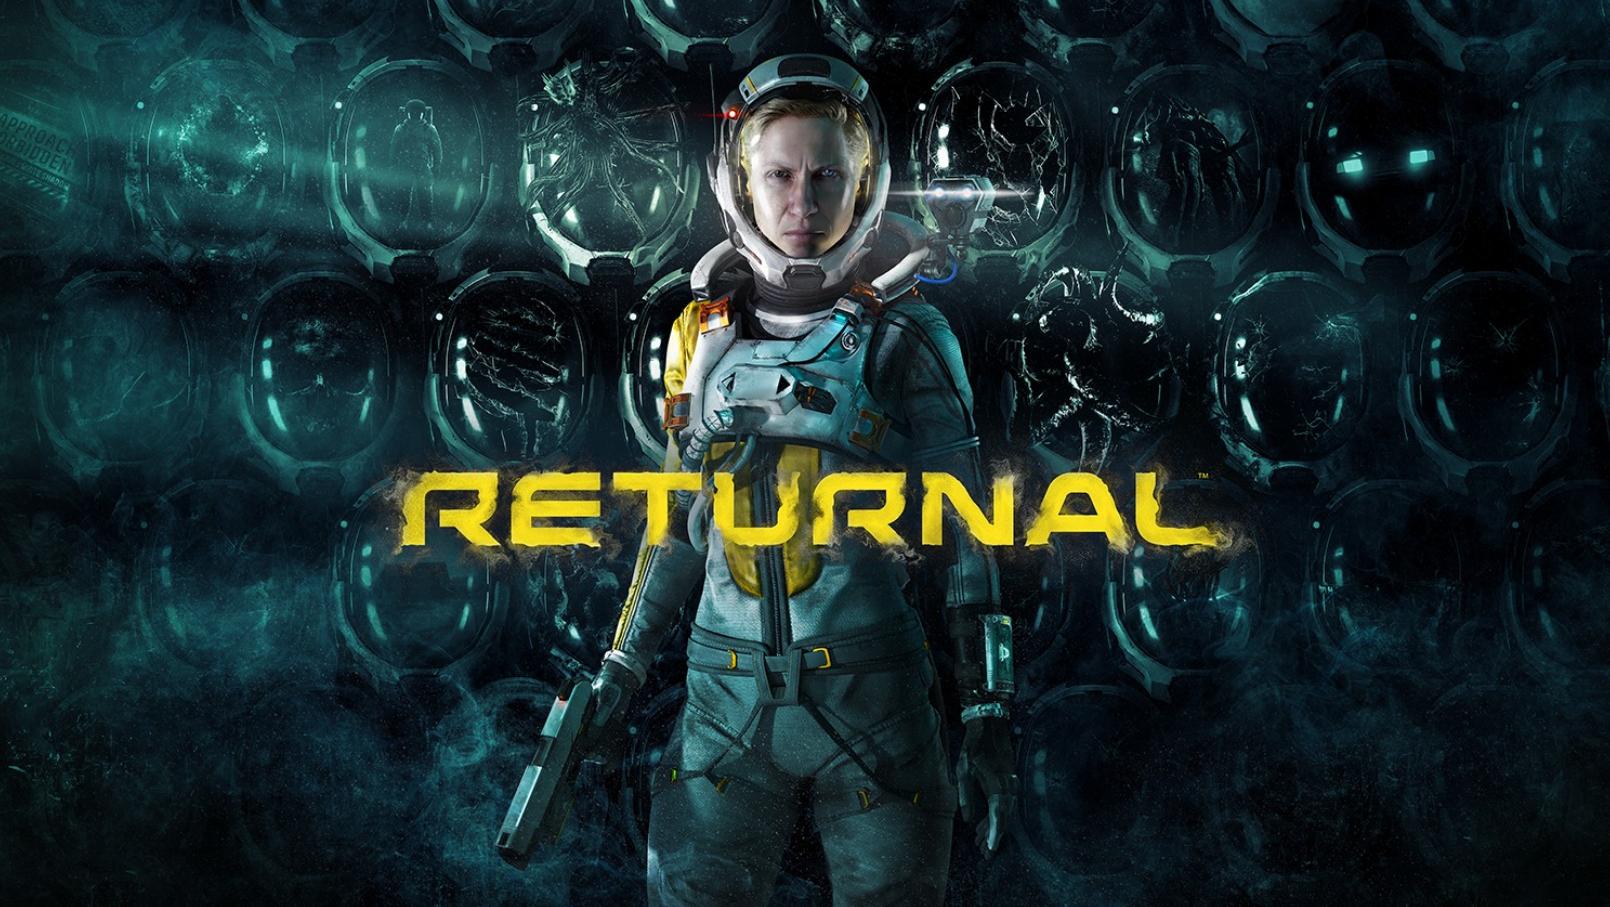 Вопреки здравому смыслу Sony перенесла релиз Returnal для PlayStation 5, и не объявила версию для PS4